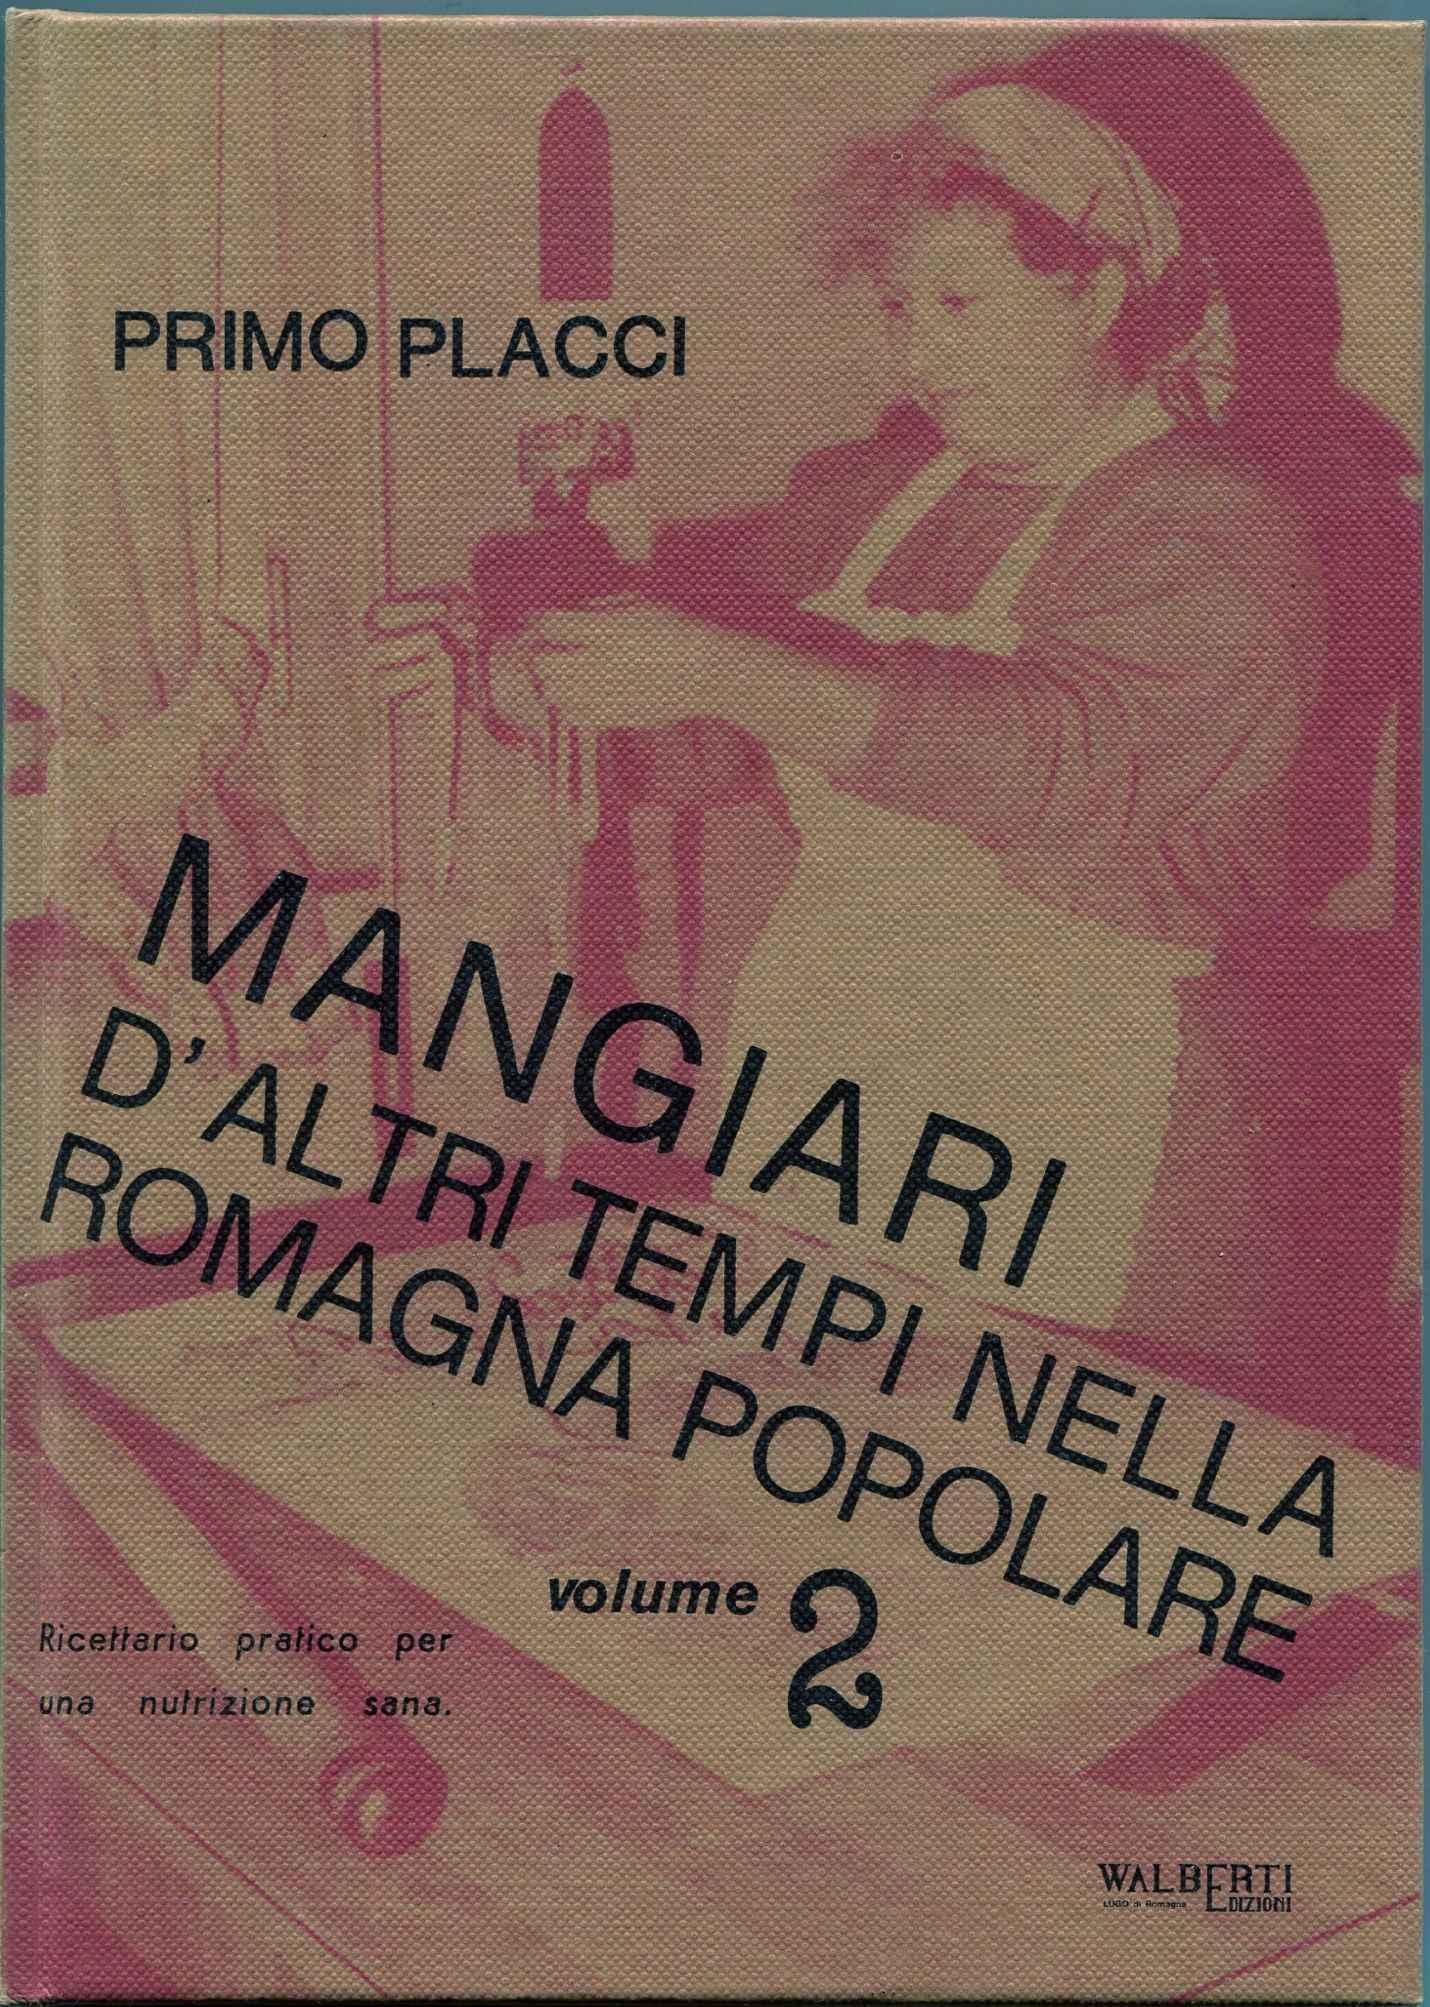 Mangiari d'altri tempi nella Romagna popolare - vol. 2